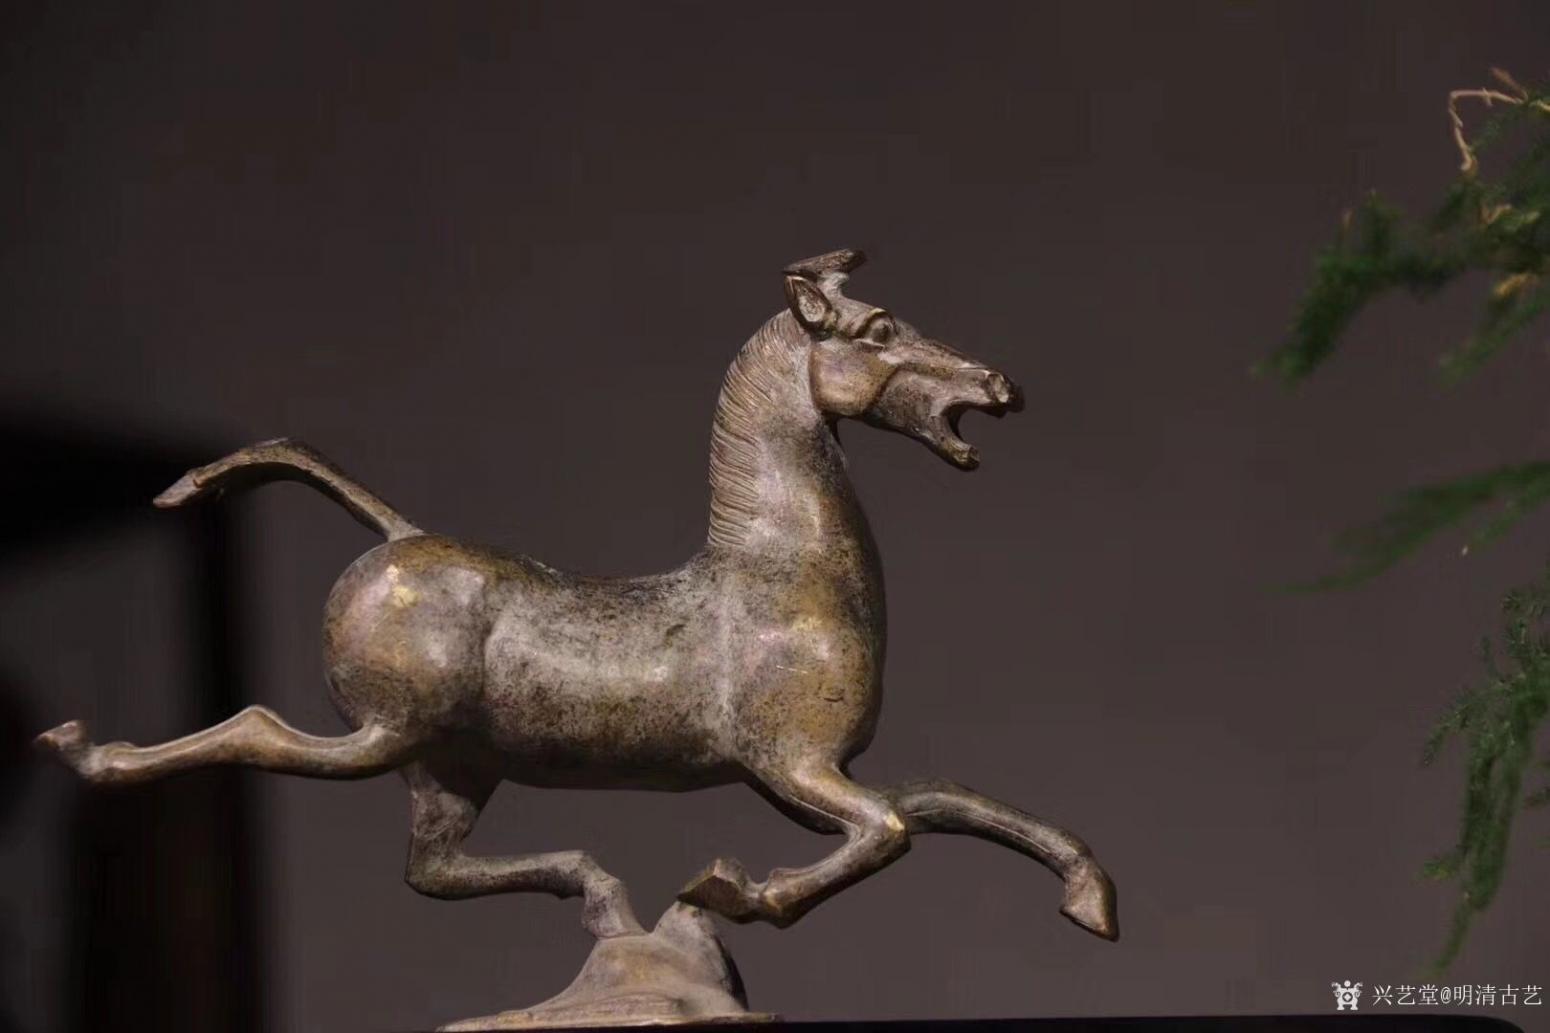 明清古艺雕刻作品《马踏飞燕.铜》